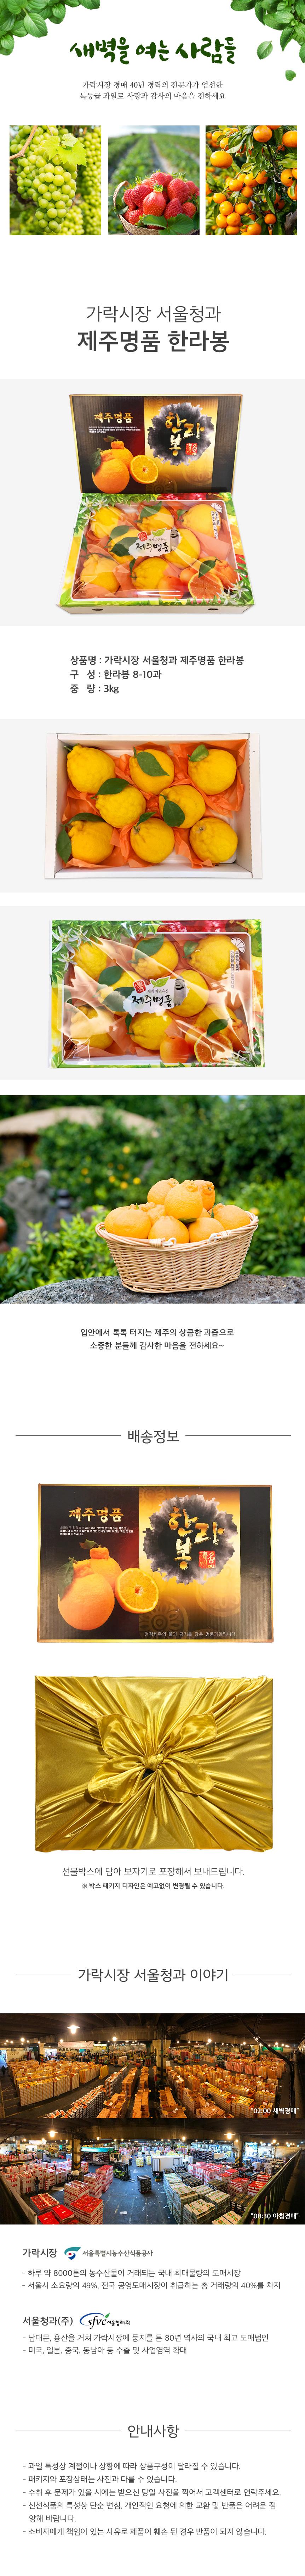 가락시장 서울청과 제주명품 한라봉 세트 3kg